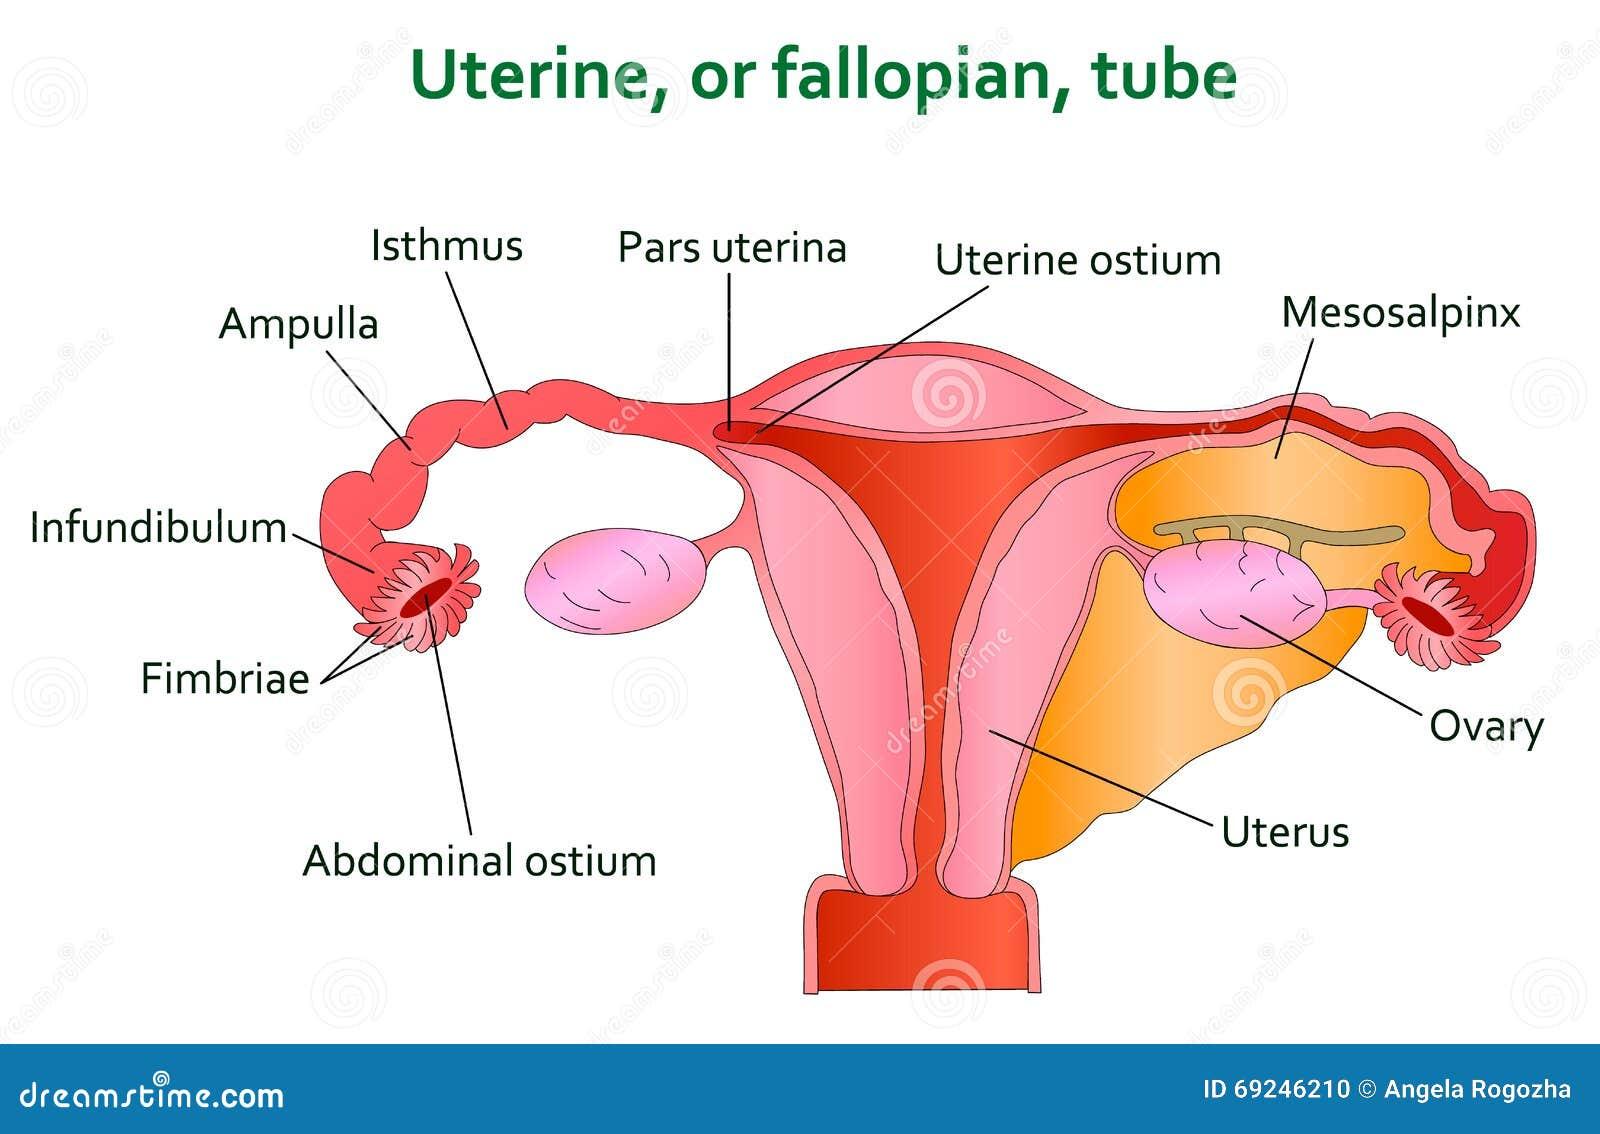 Diagrama Uterino Y Follopian Del Tubo Ilustración del ...